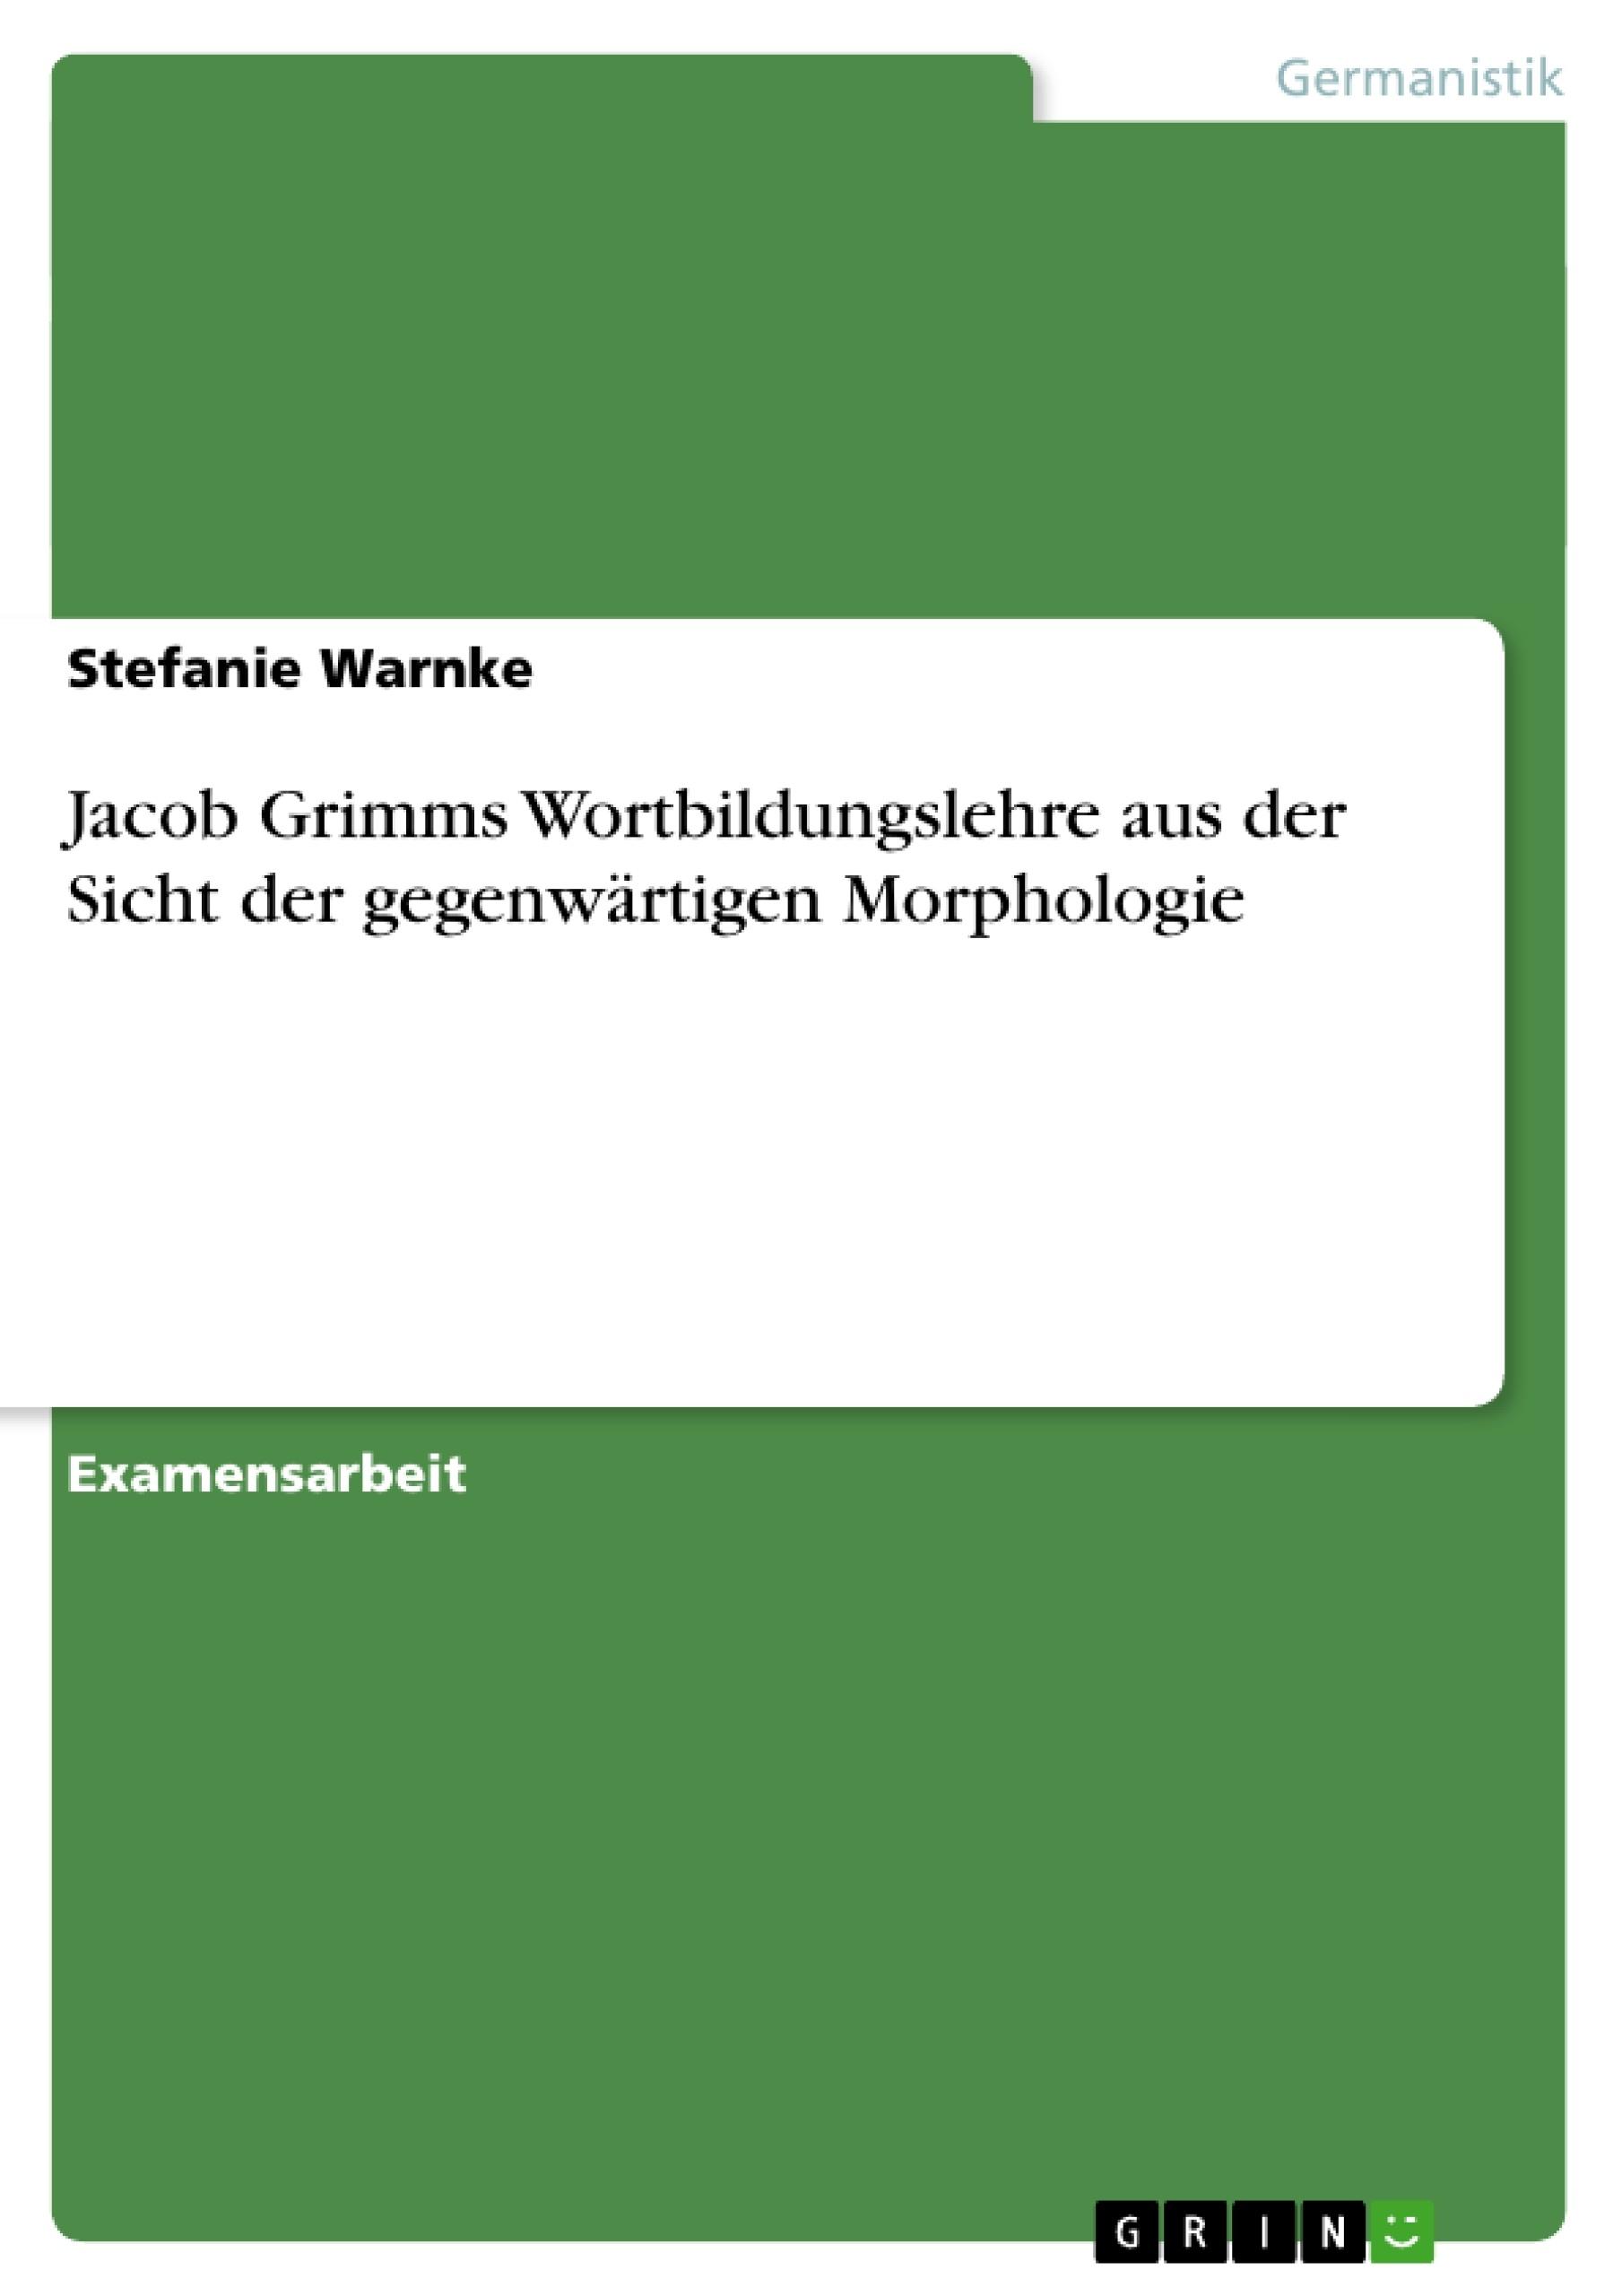 Titel: Jacob Grimms Wortbildungslehre aus der Sicht  der  gegenwärtigen Morphologie